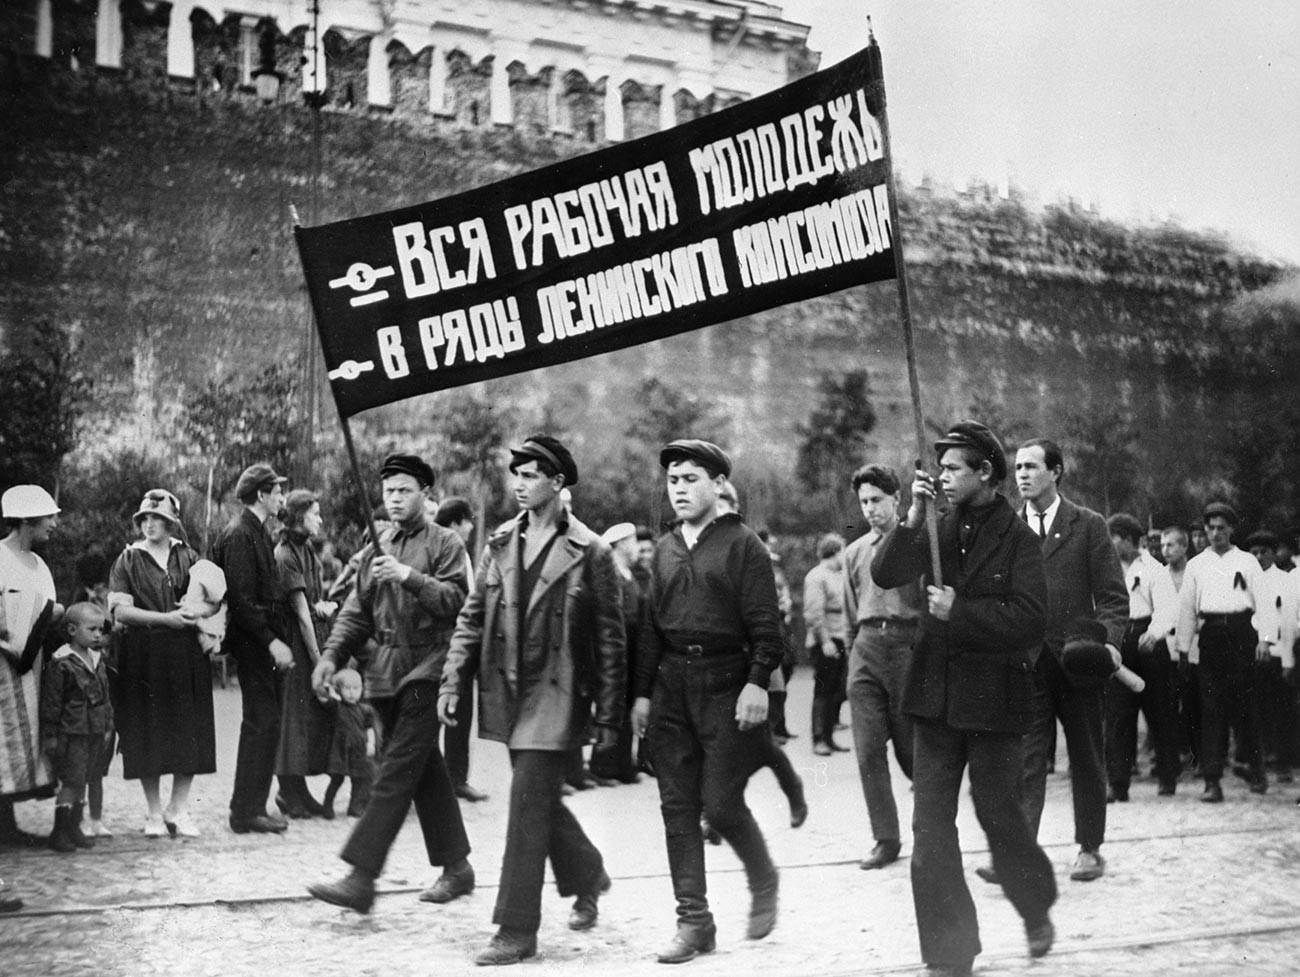 """Колона комсомолаца са паролом """"Сва радничка омладина – у редове Лењиновог комсомола"""" током демонстрације на Црвеном тргу."""